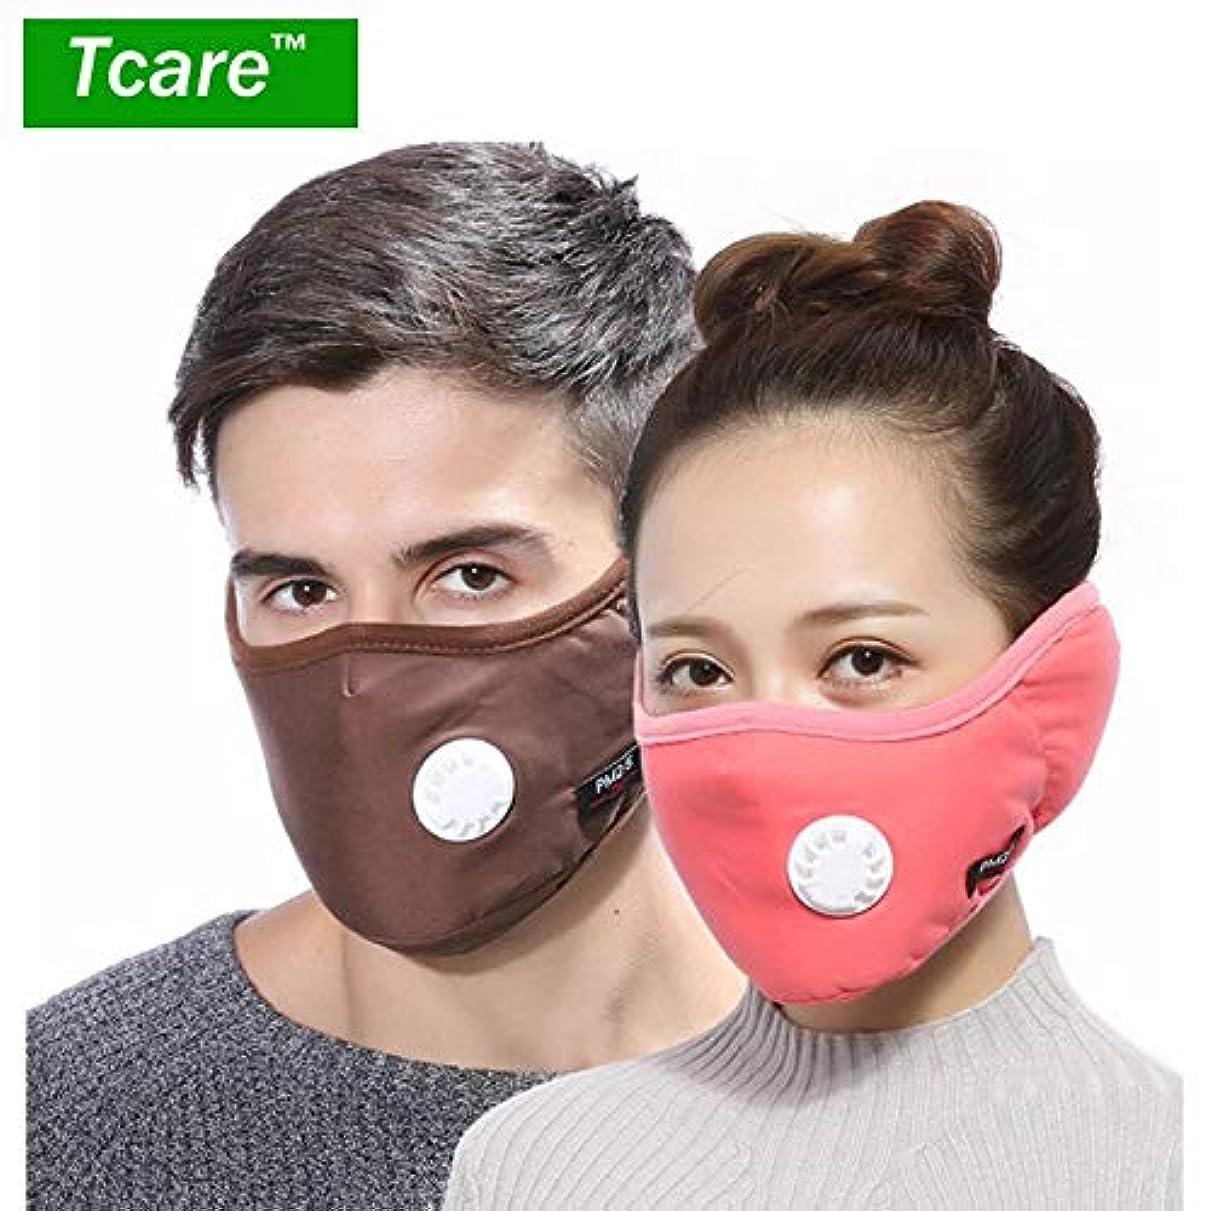 ラッドヤードキップリング免除クレア8ダークピンク:1 PM2.5マスクバルブコットンアンチダスト口マスクの冬のイヤーマフActtedフィルター付マスクでTcare 2